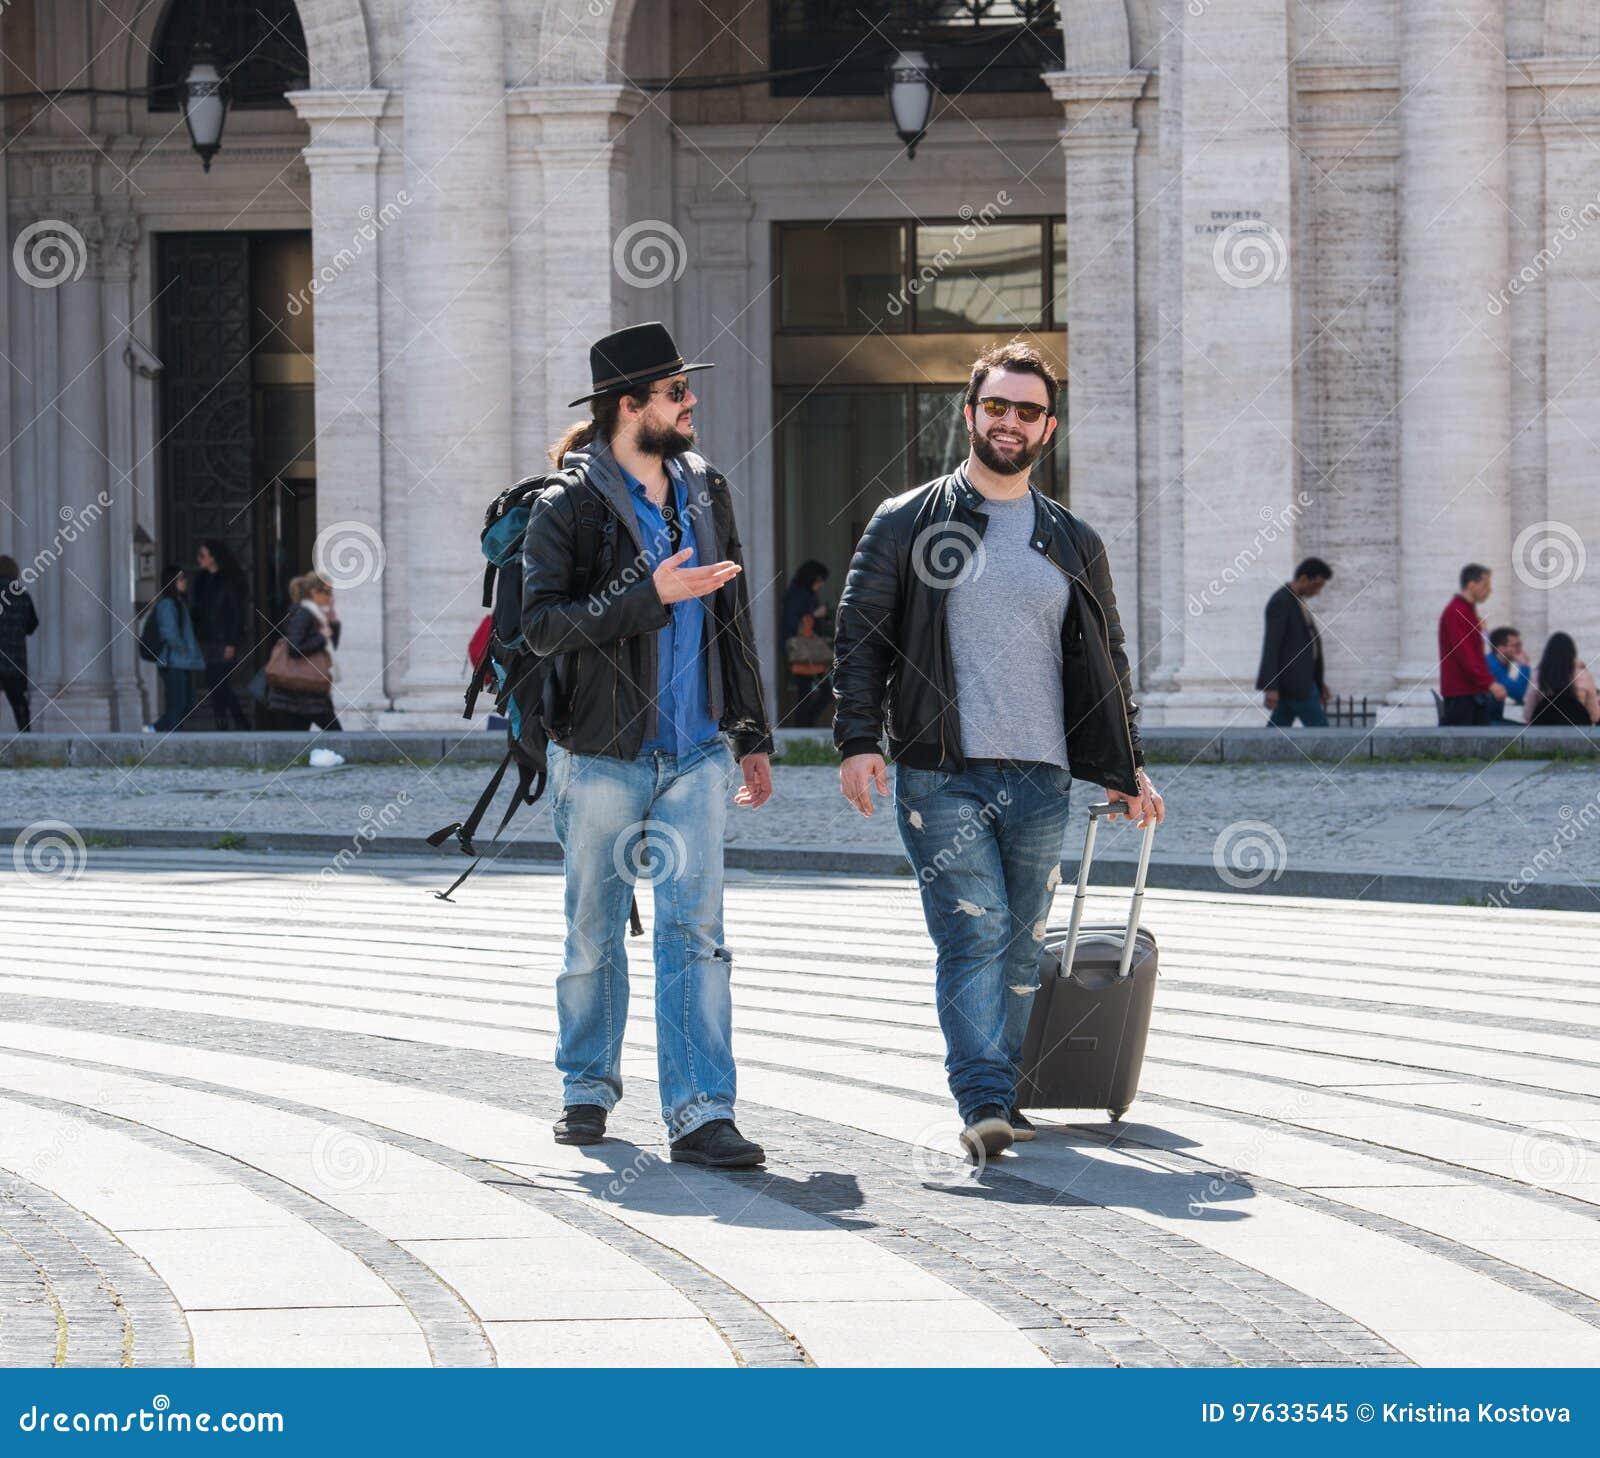 Zwei Kerle gehen durch die Straßen von Genua, Italien und schauen herum und miteinander sprechen